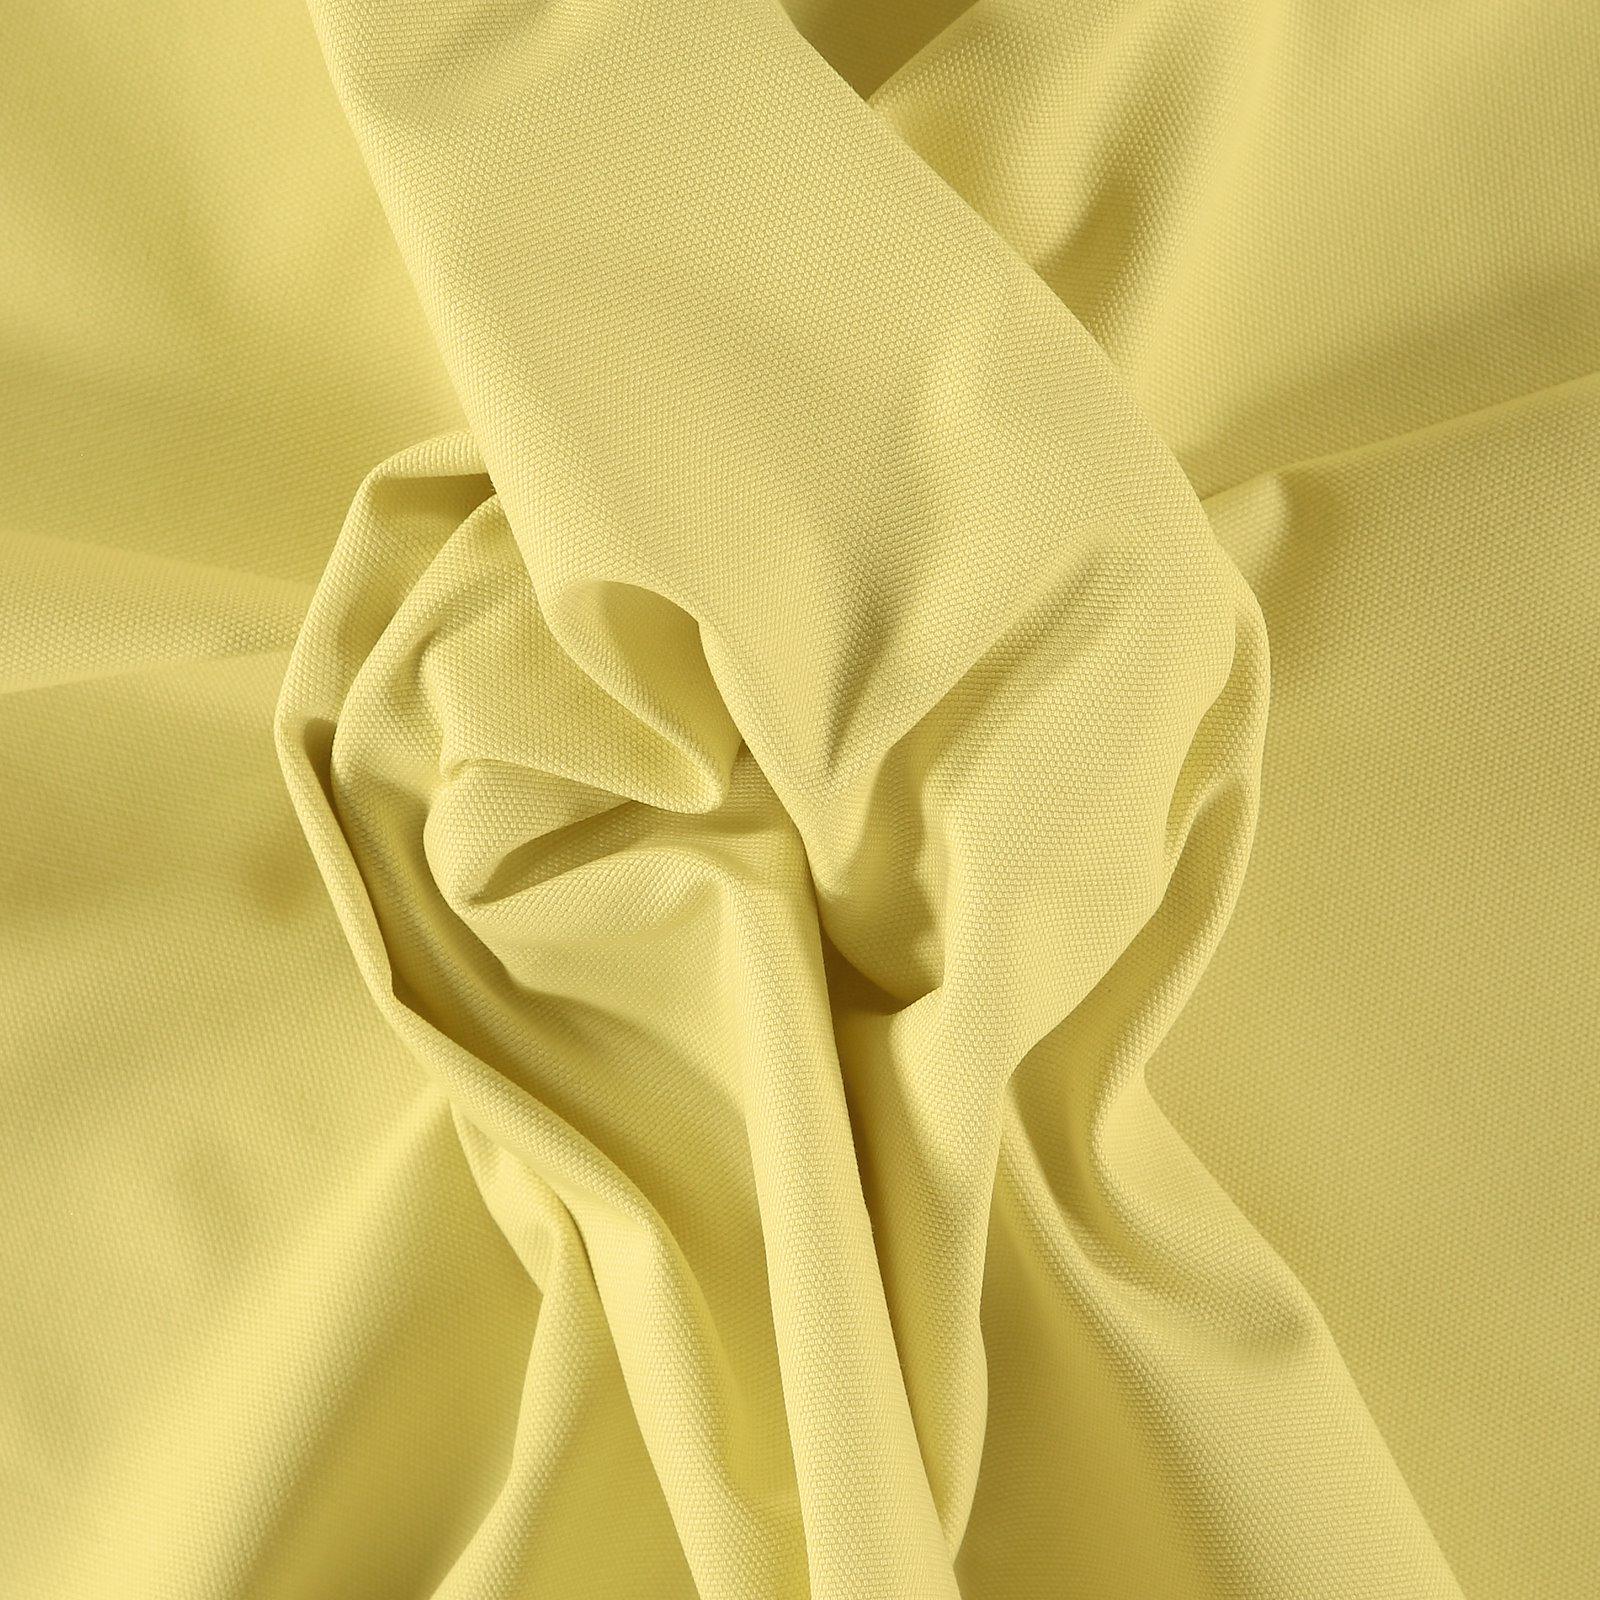 Cotton canvas light lemon